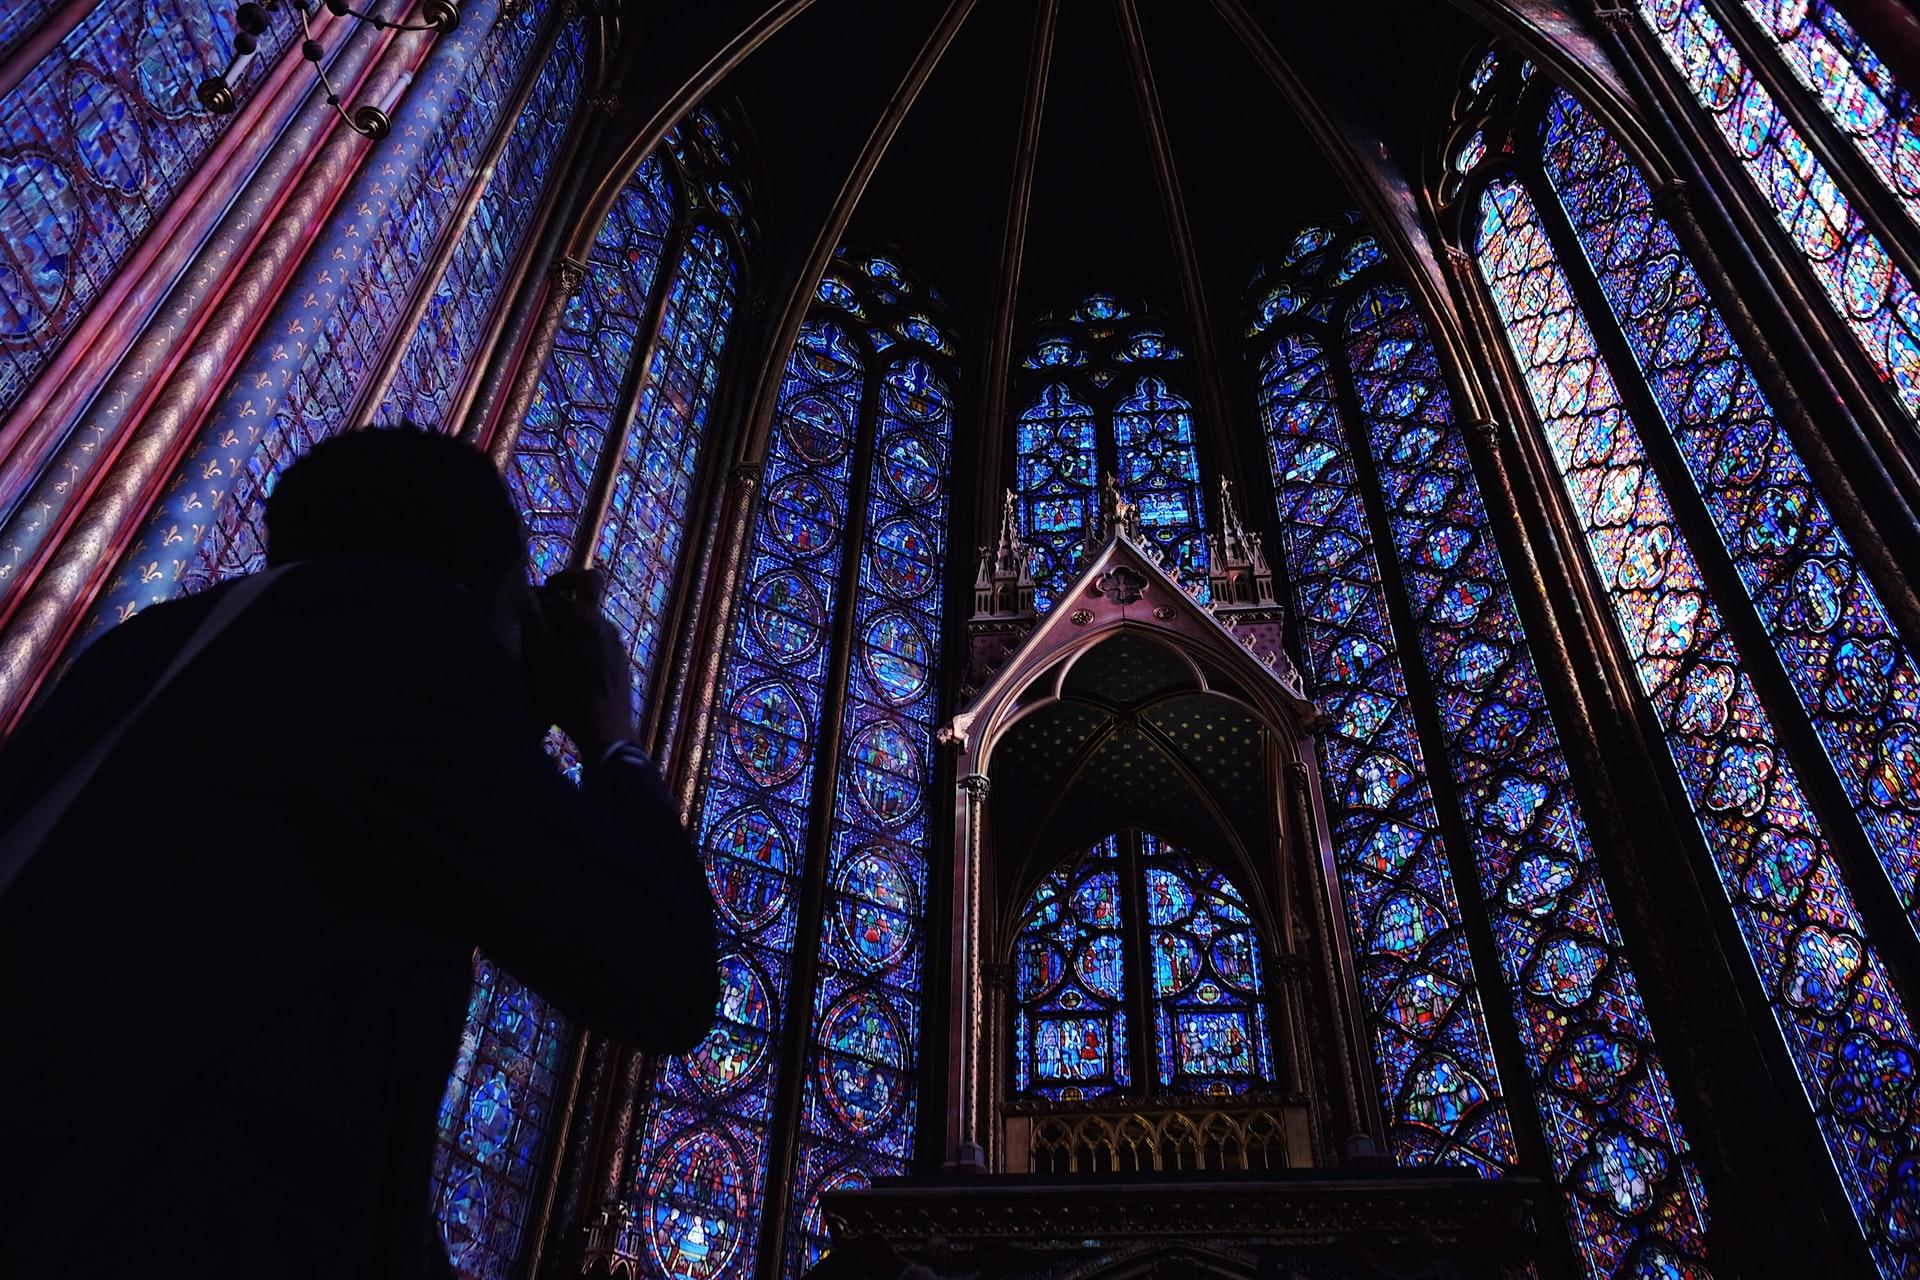 Photographer inside Sainte-Chapelle in Paris